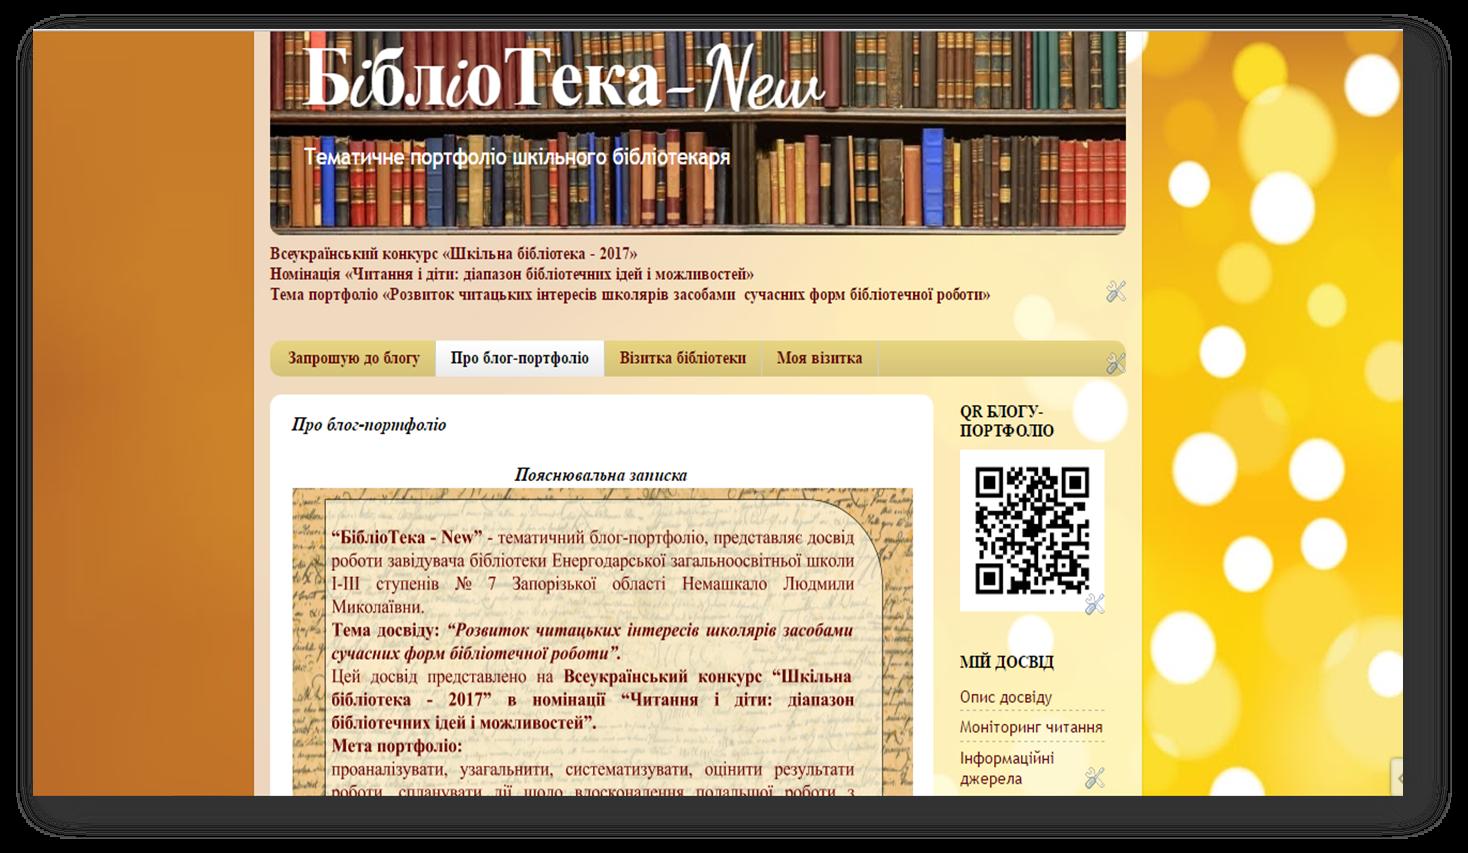 БібліоТека-New